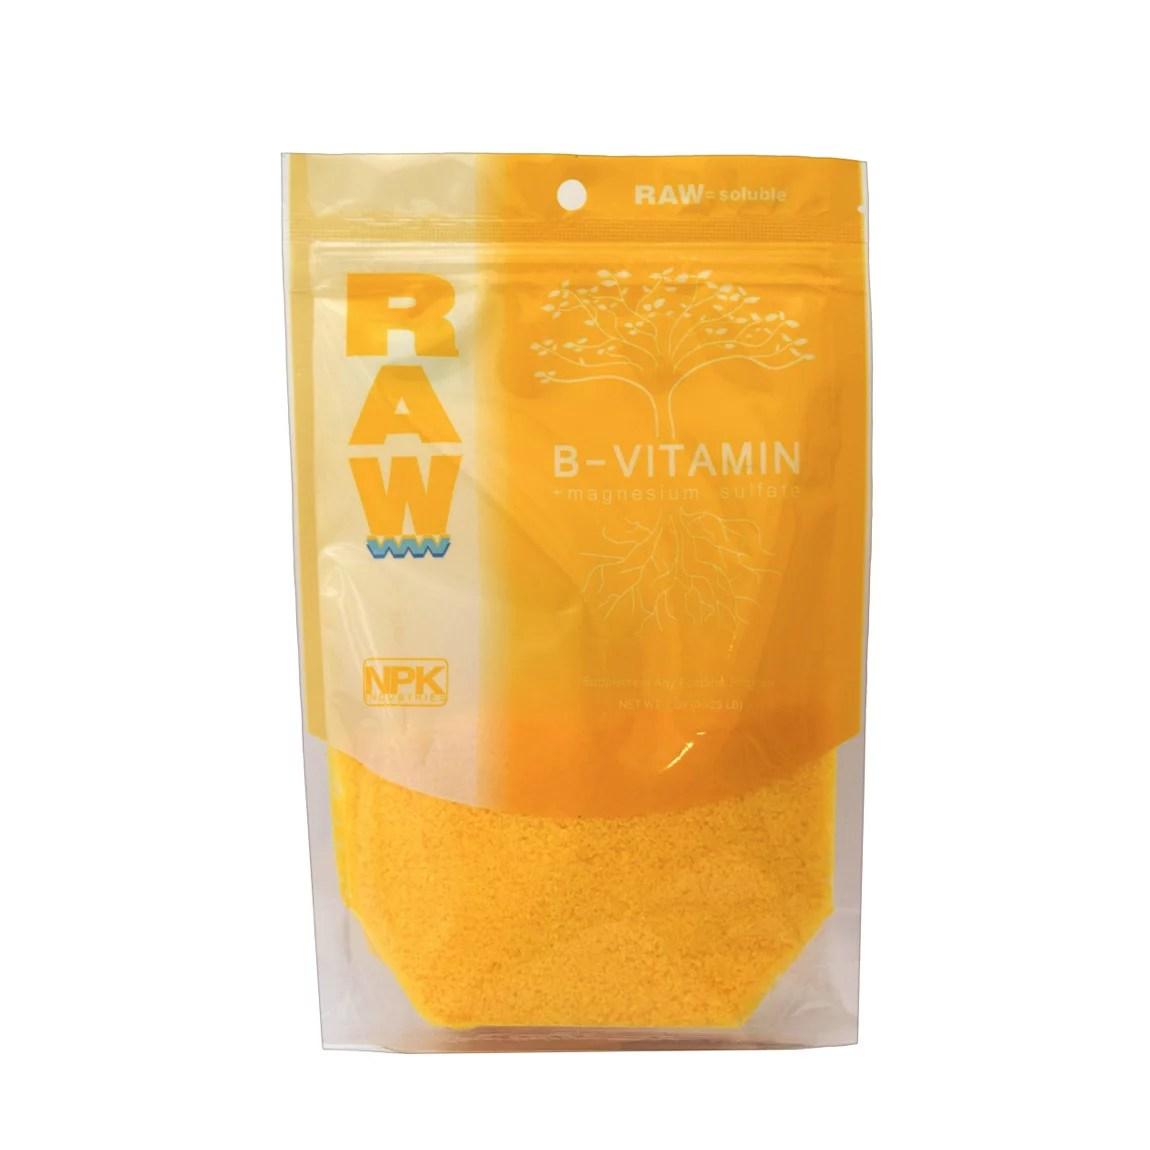 NPK Industries RAW B-Vitamin 2 oz